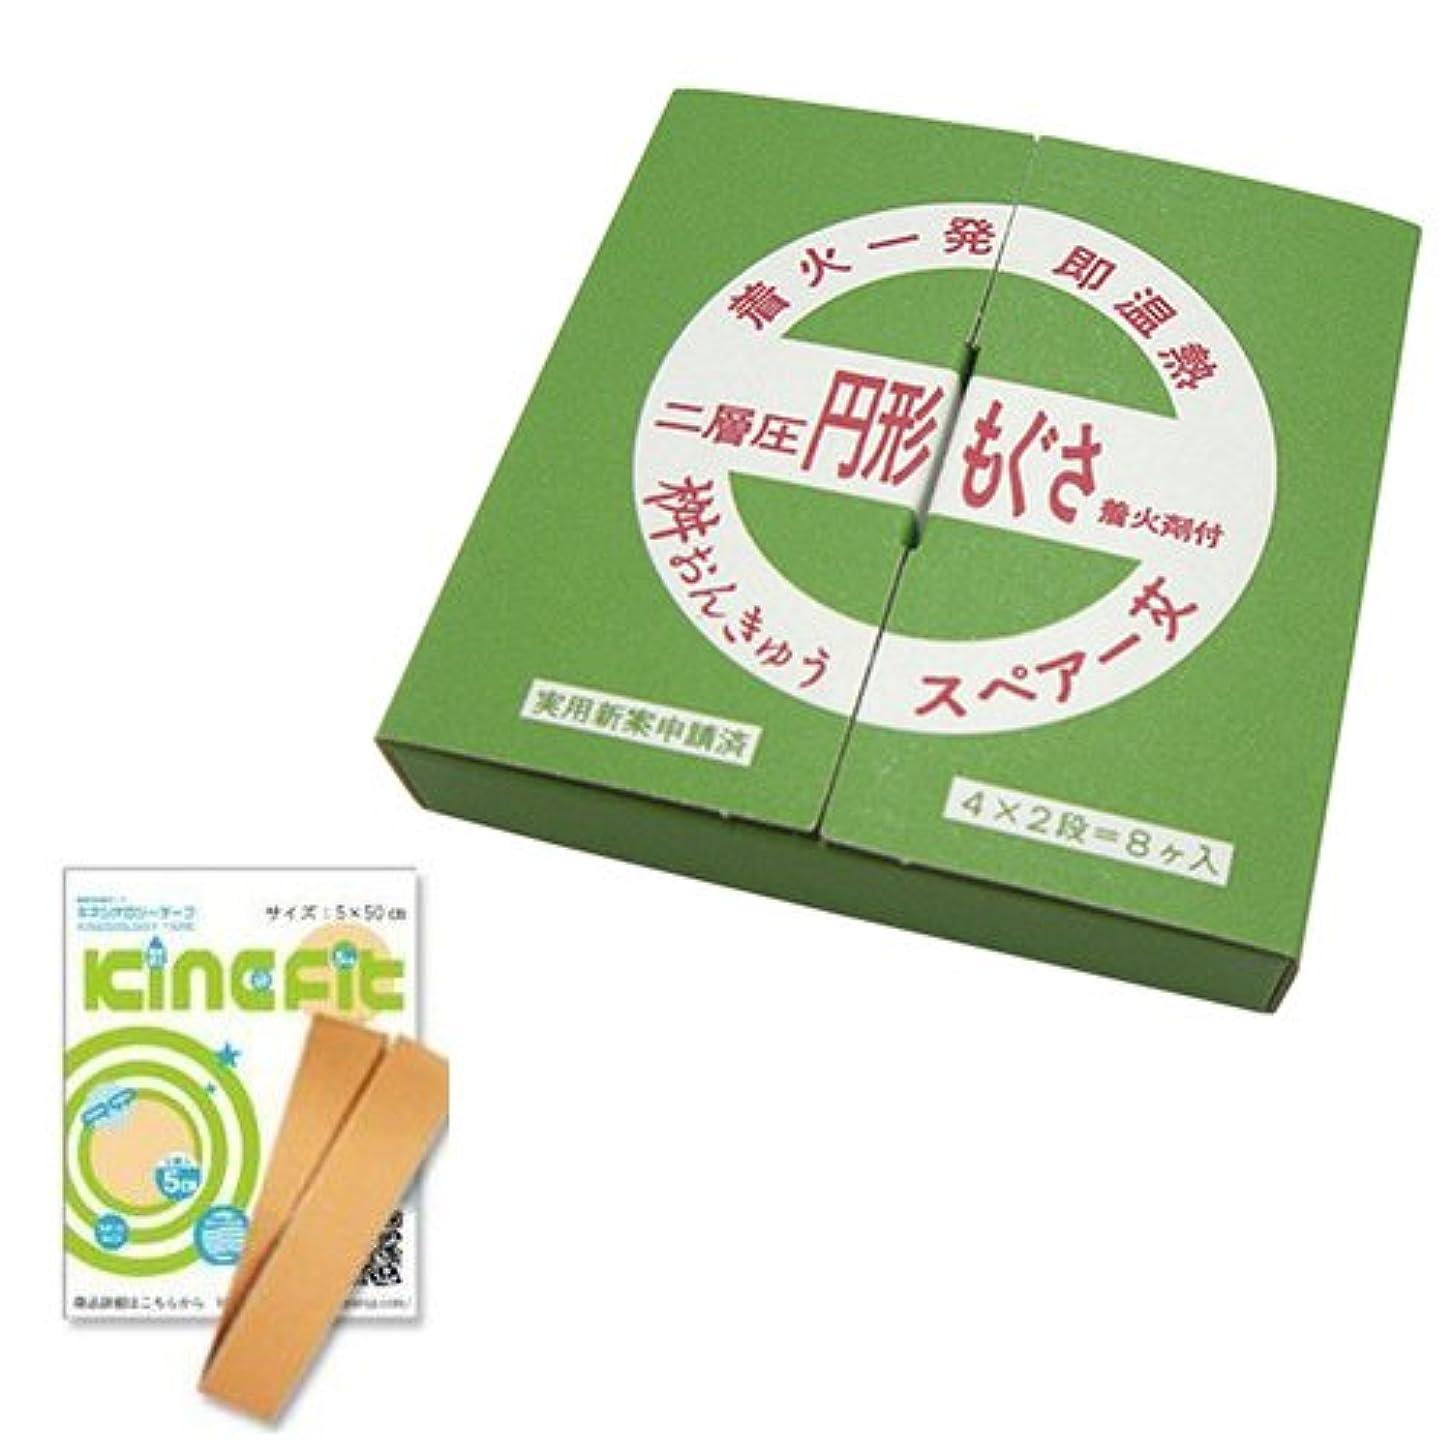 シュリンク驚楽観的桝おんきゅう用スペアもぐさ 円形もぐさ(8ケ) + お試し用キネシオロジーテープ キネフィット50cm セット